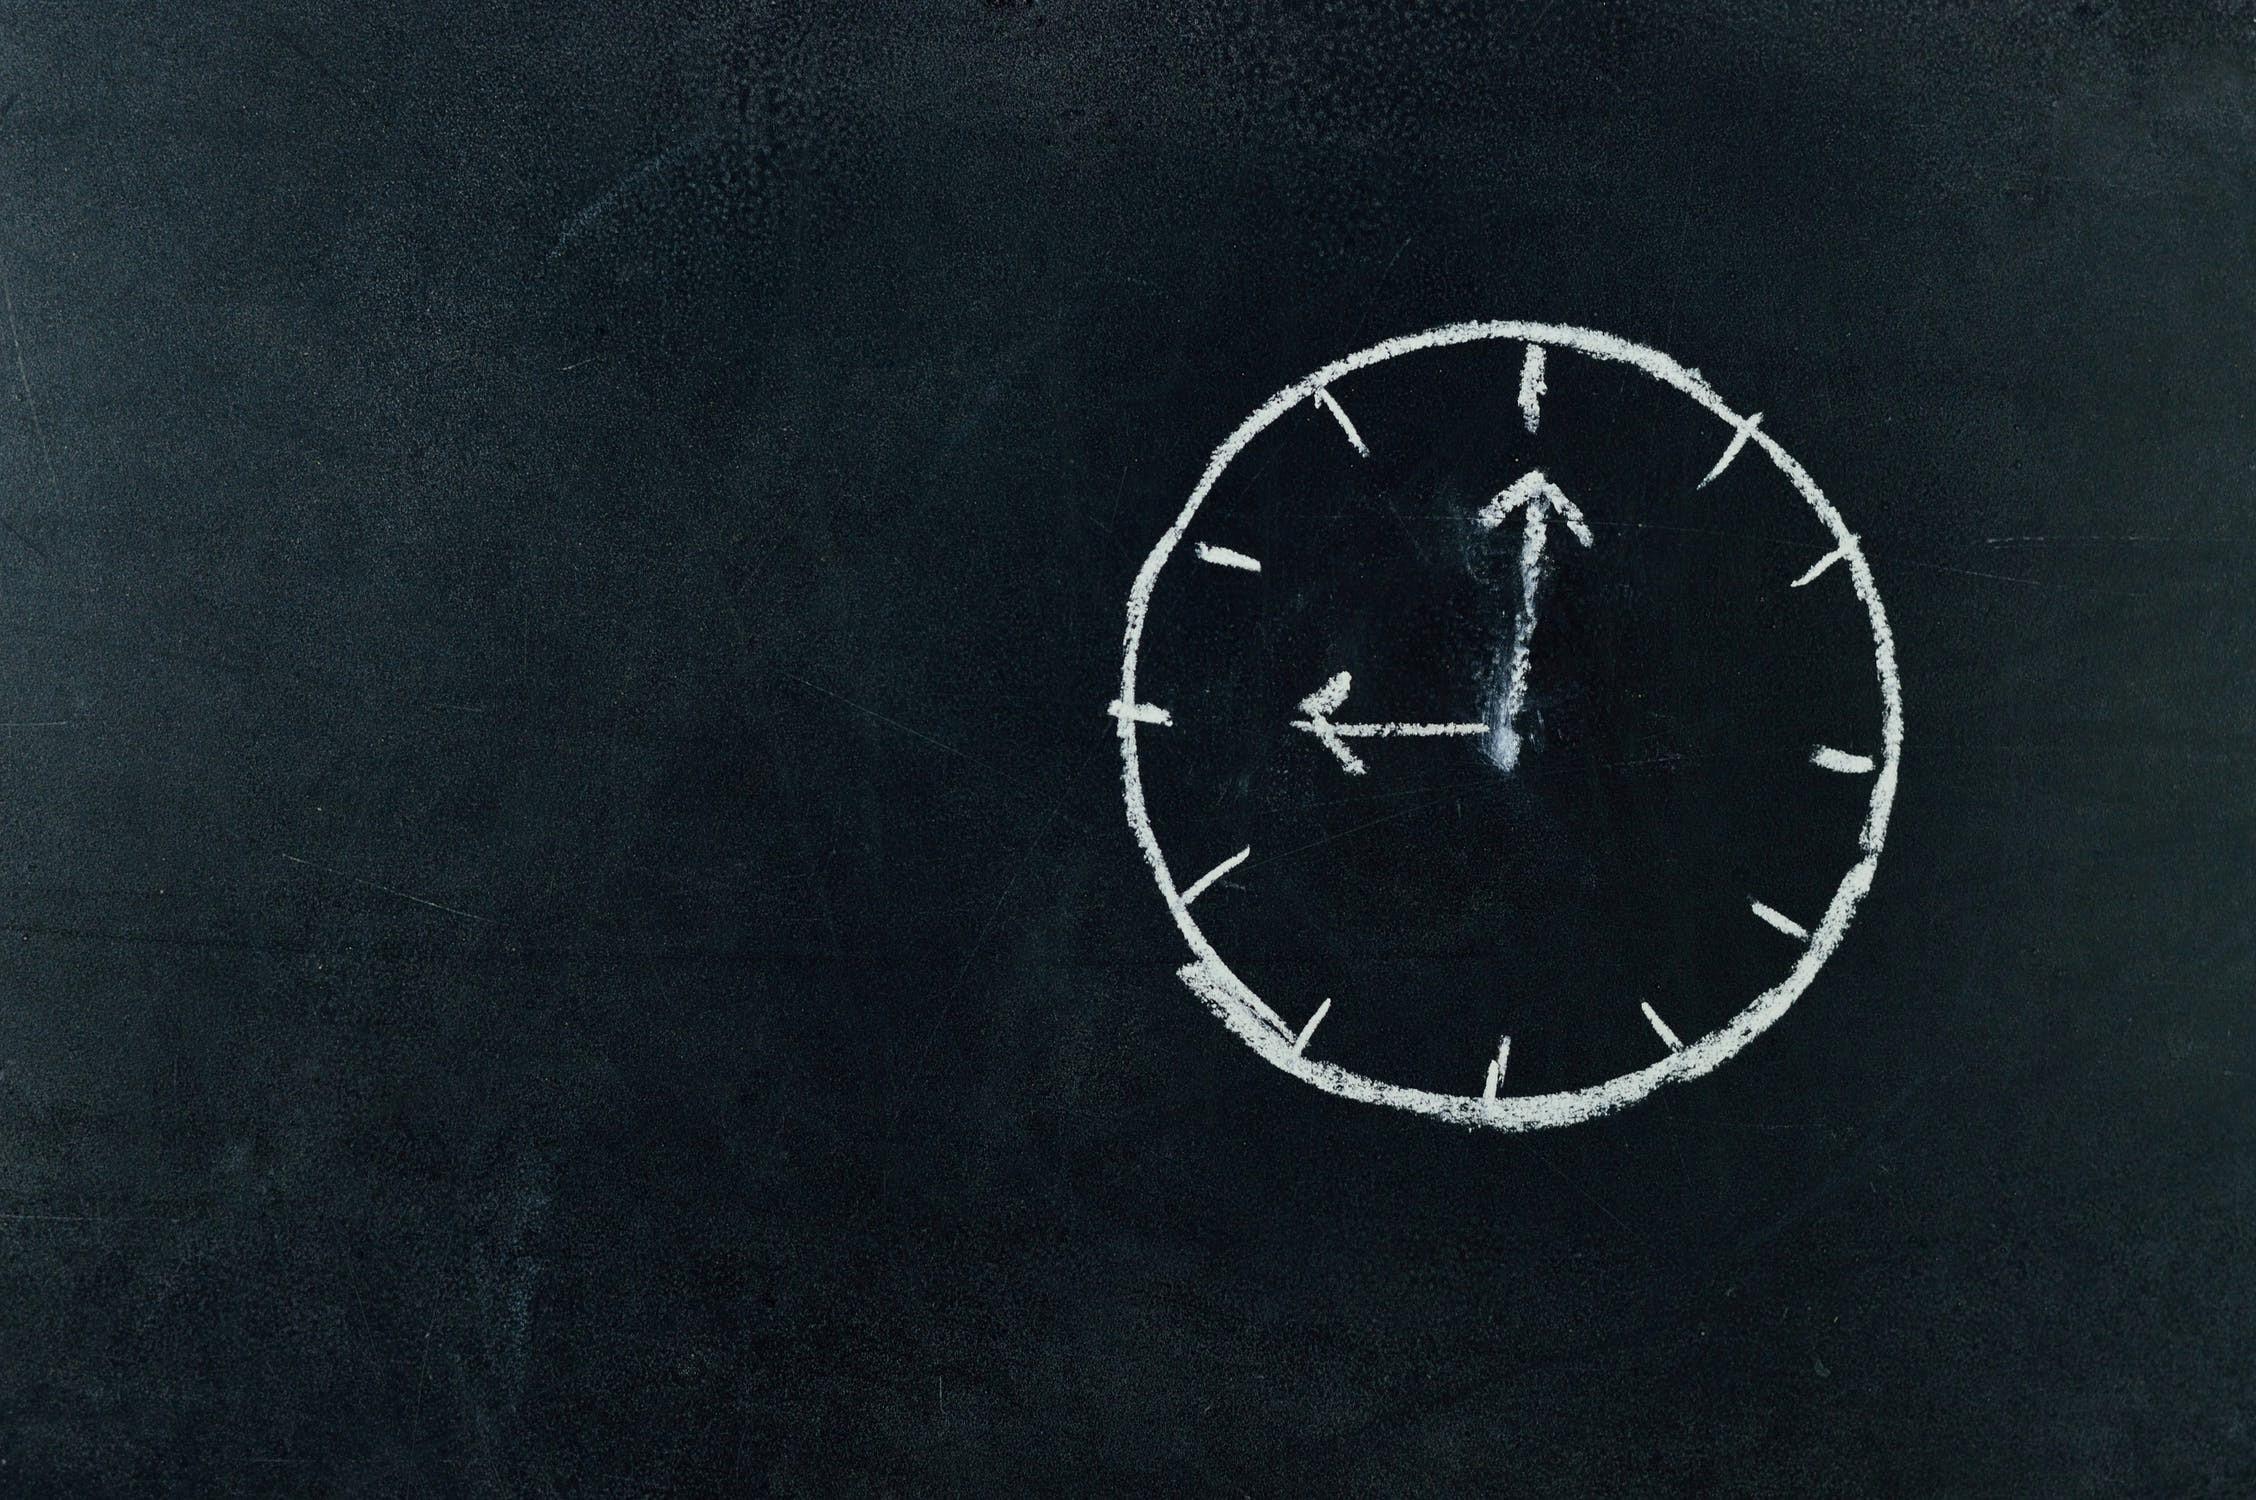 1. 時間複雜度 (上篇)